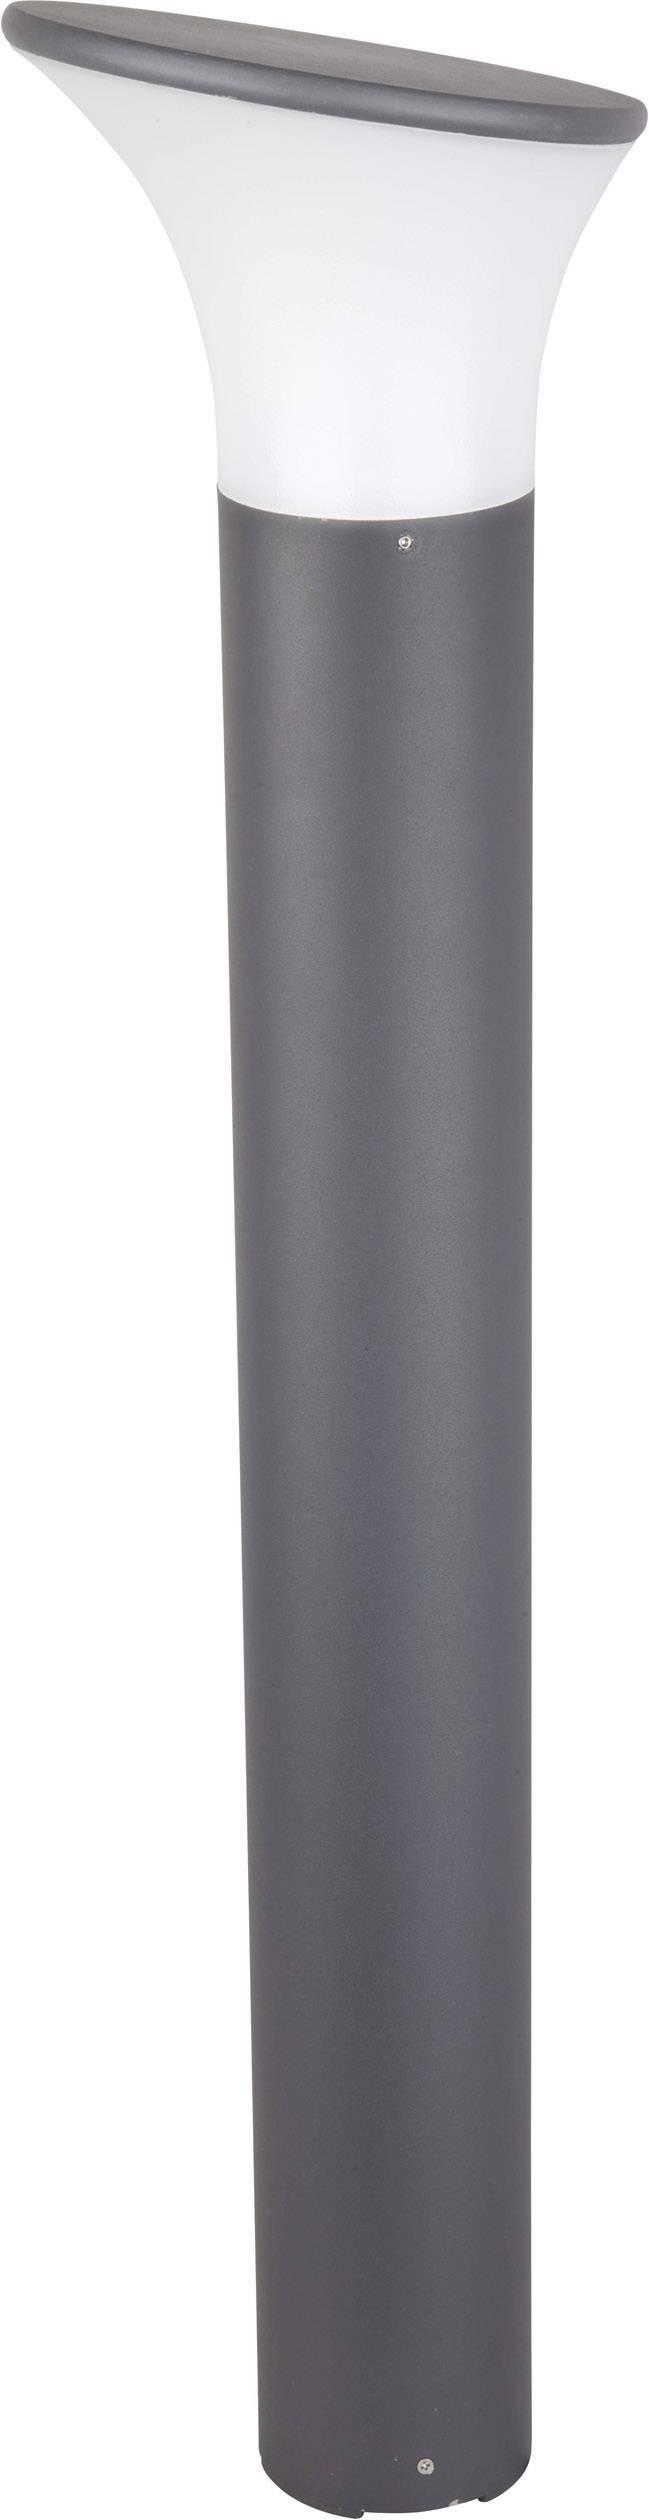 Úsporná žiarovka vonkajšiestojanovéosvetlenie Renkforce Rivoli 1283501, E27, 46 W, závisí na druhu žiarovky, tmavosivá